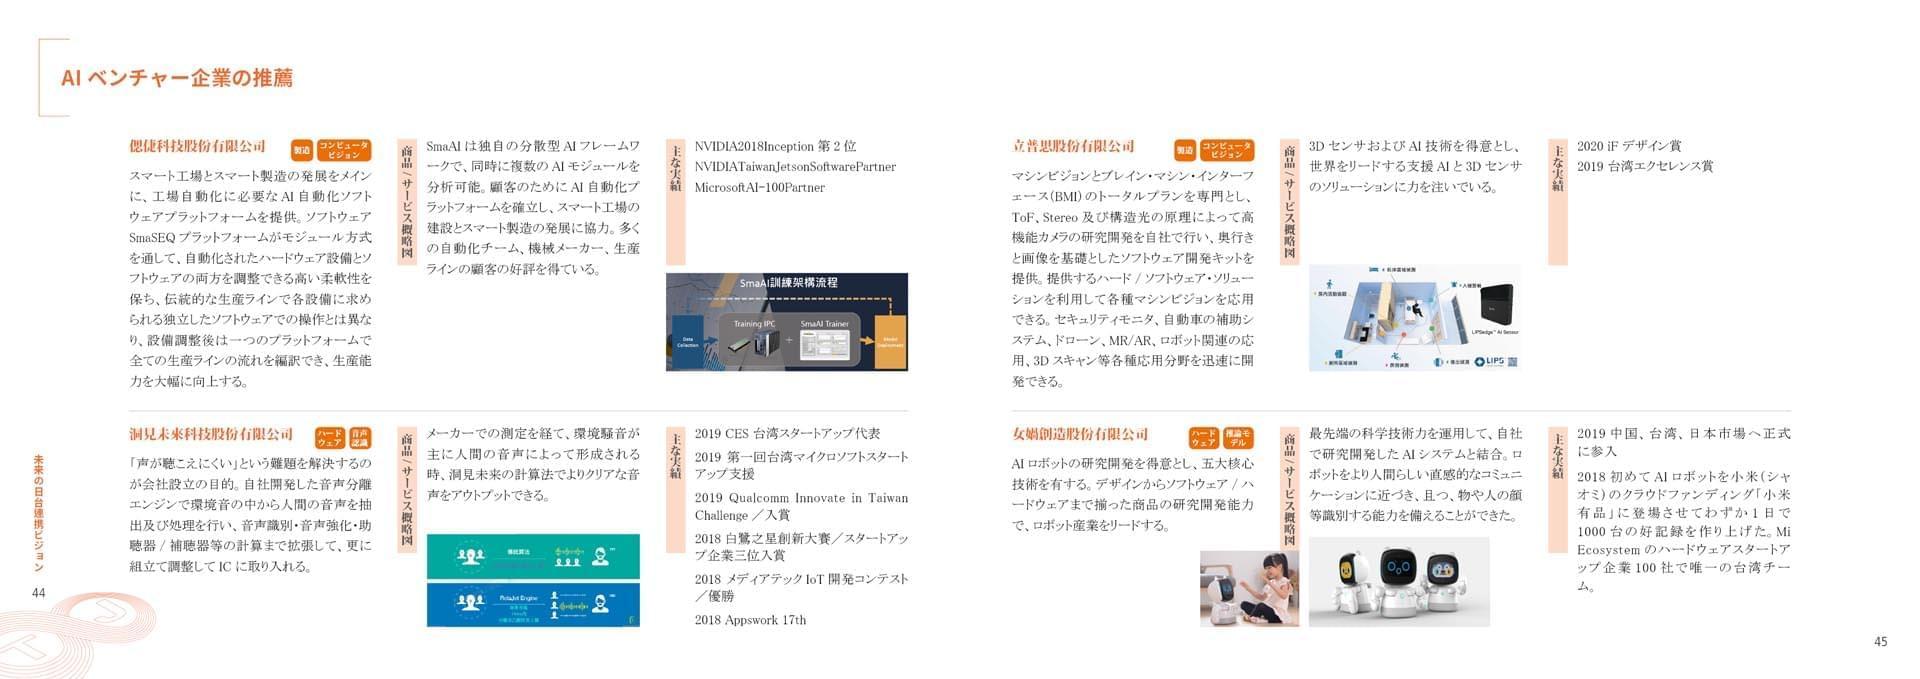 台日型錄-日文版60頁-第二次修改070225